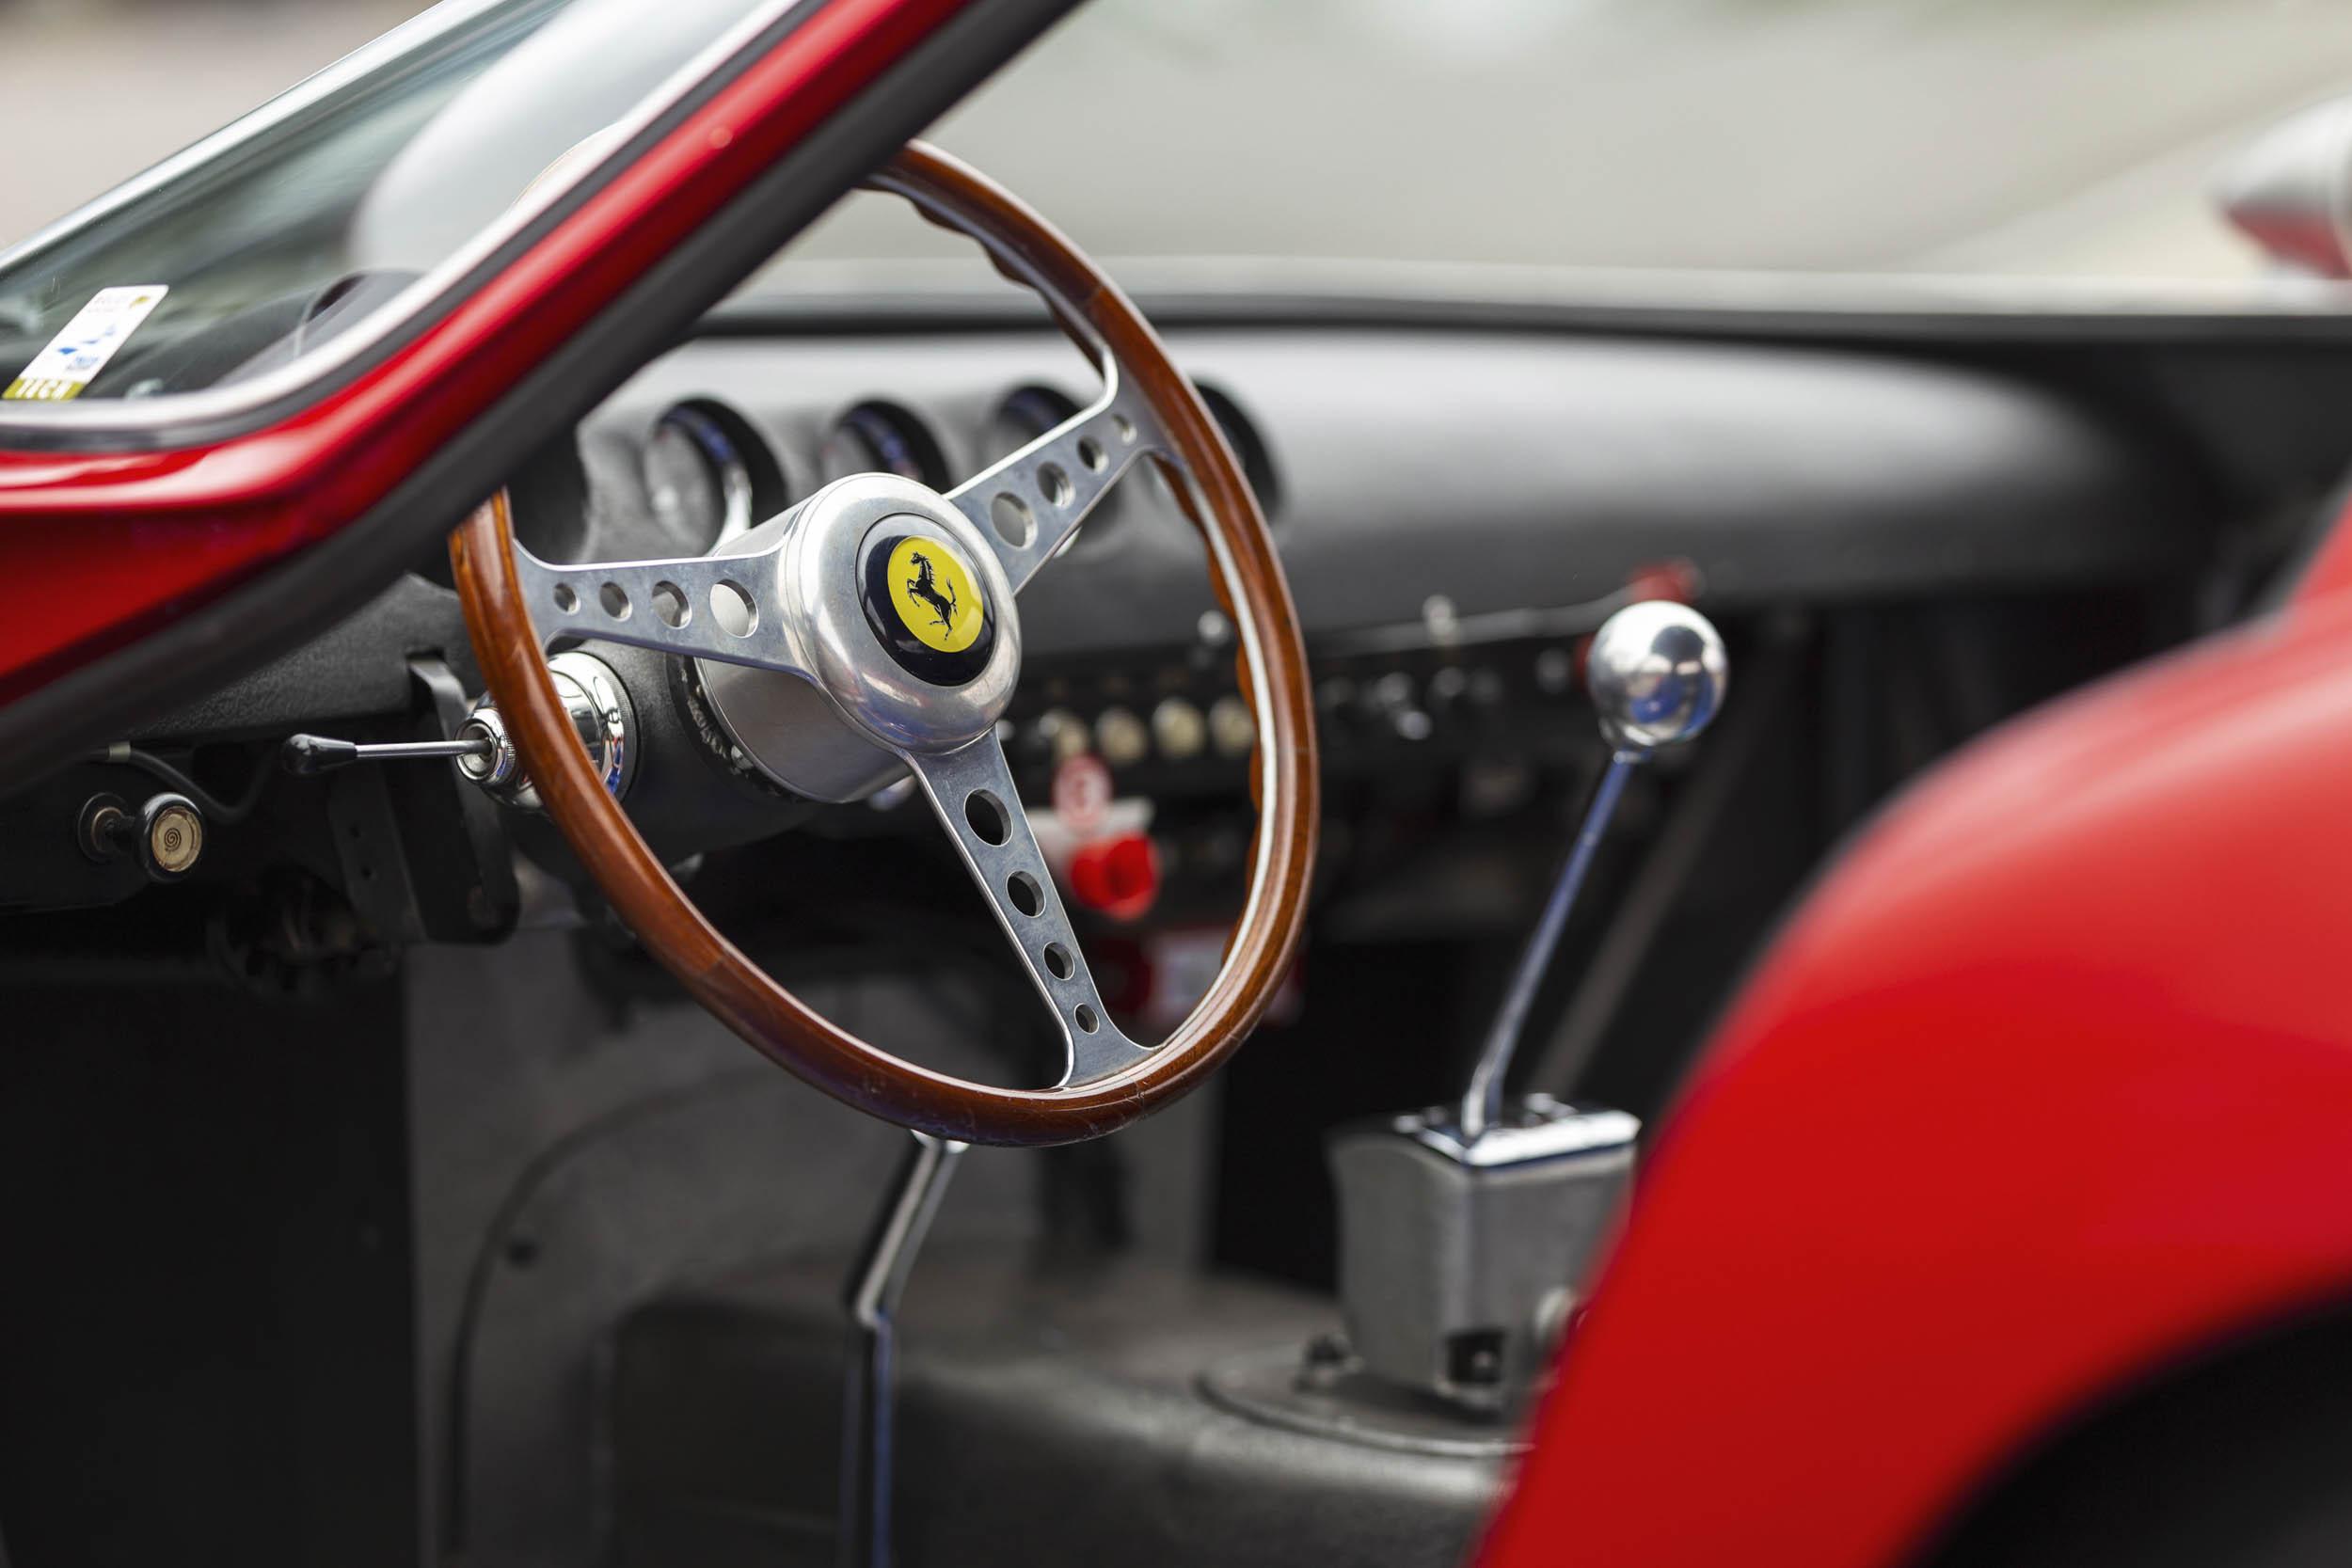 1962 Ferrari 250 GTO front interior